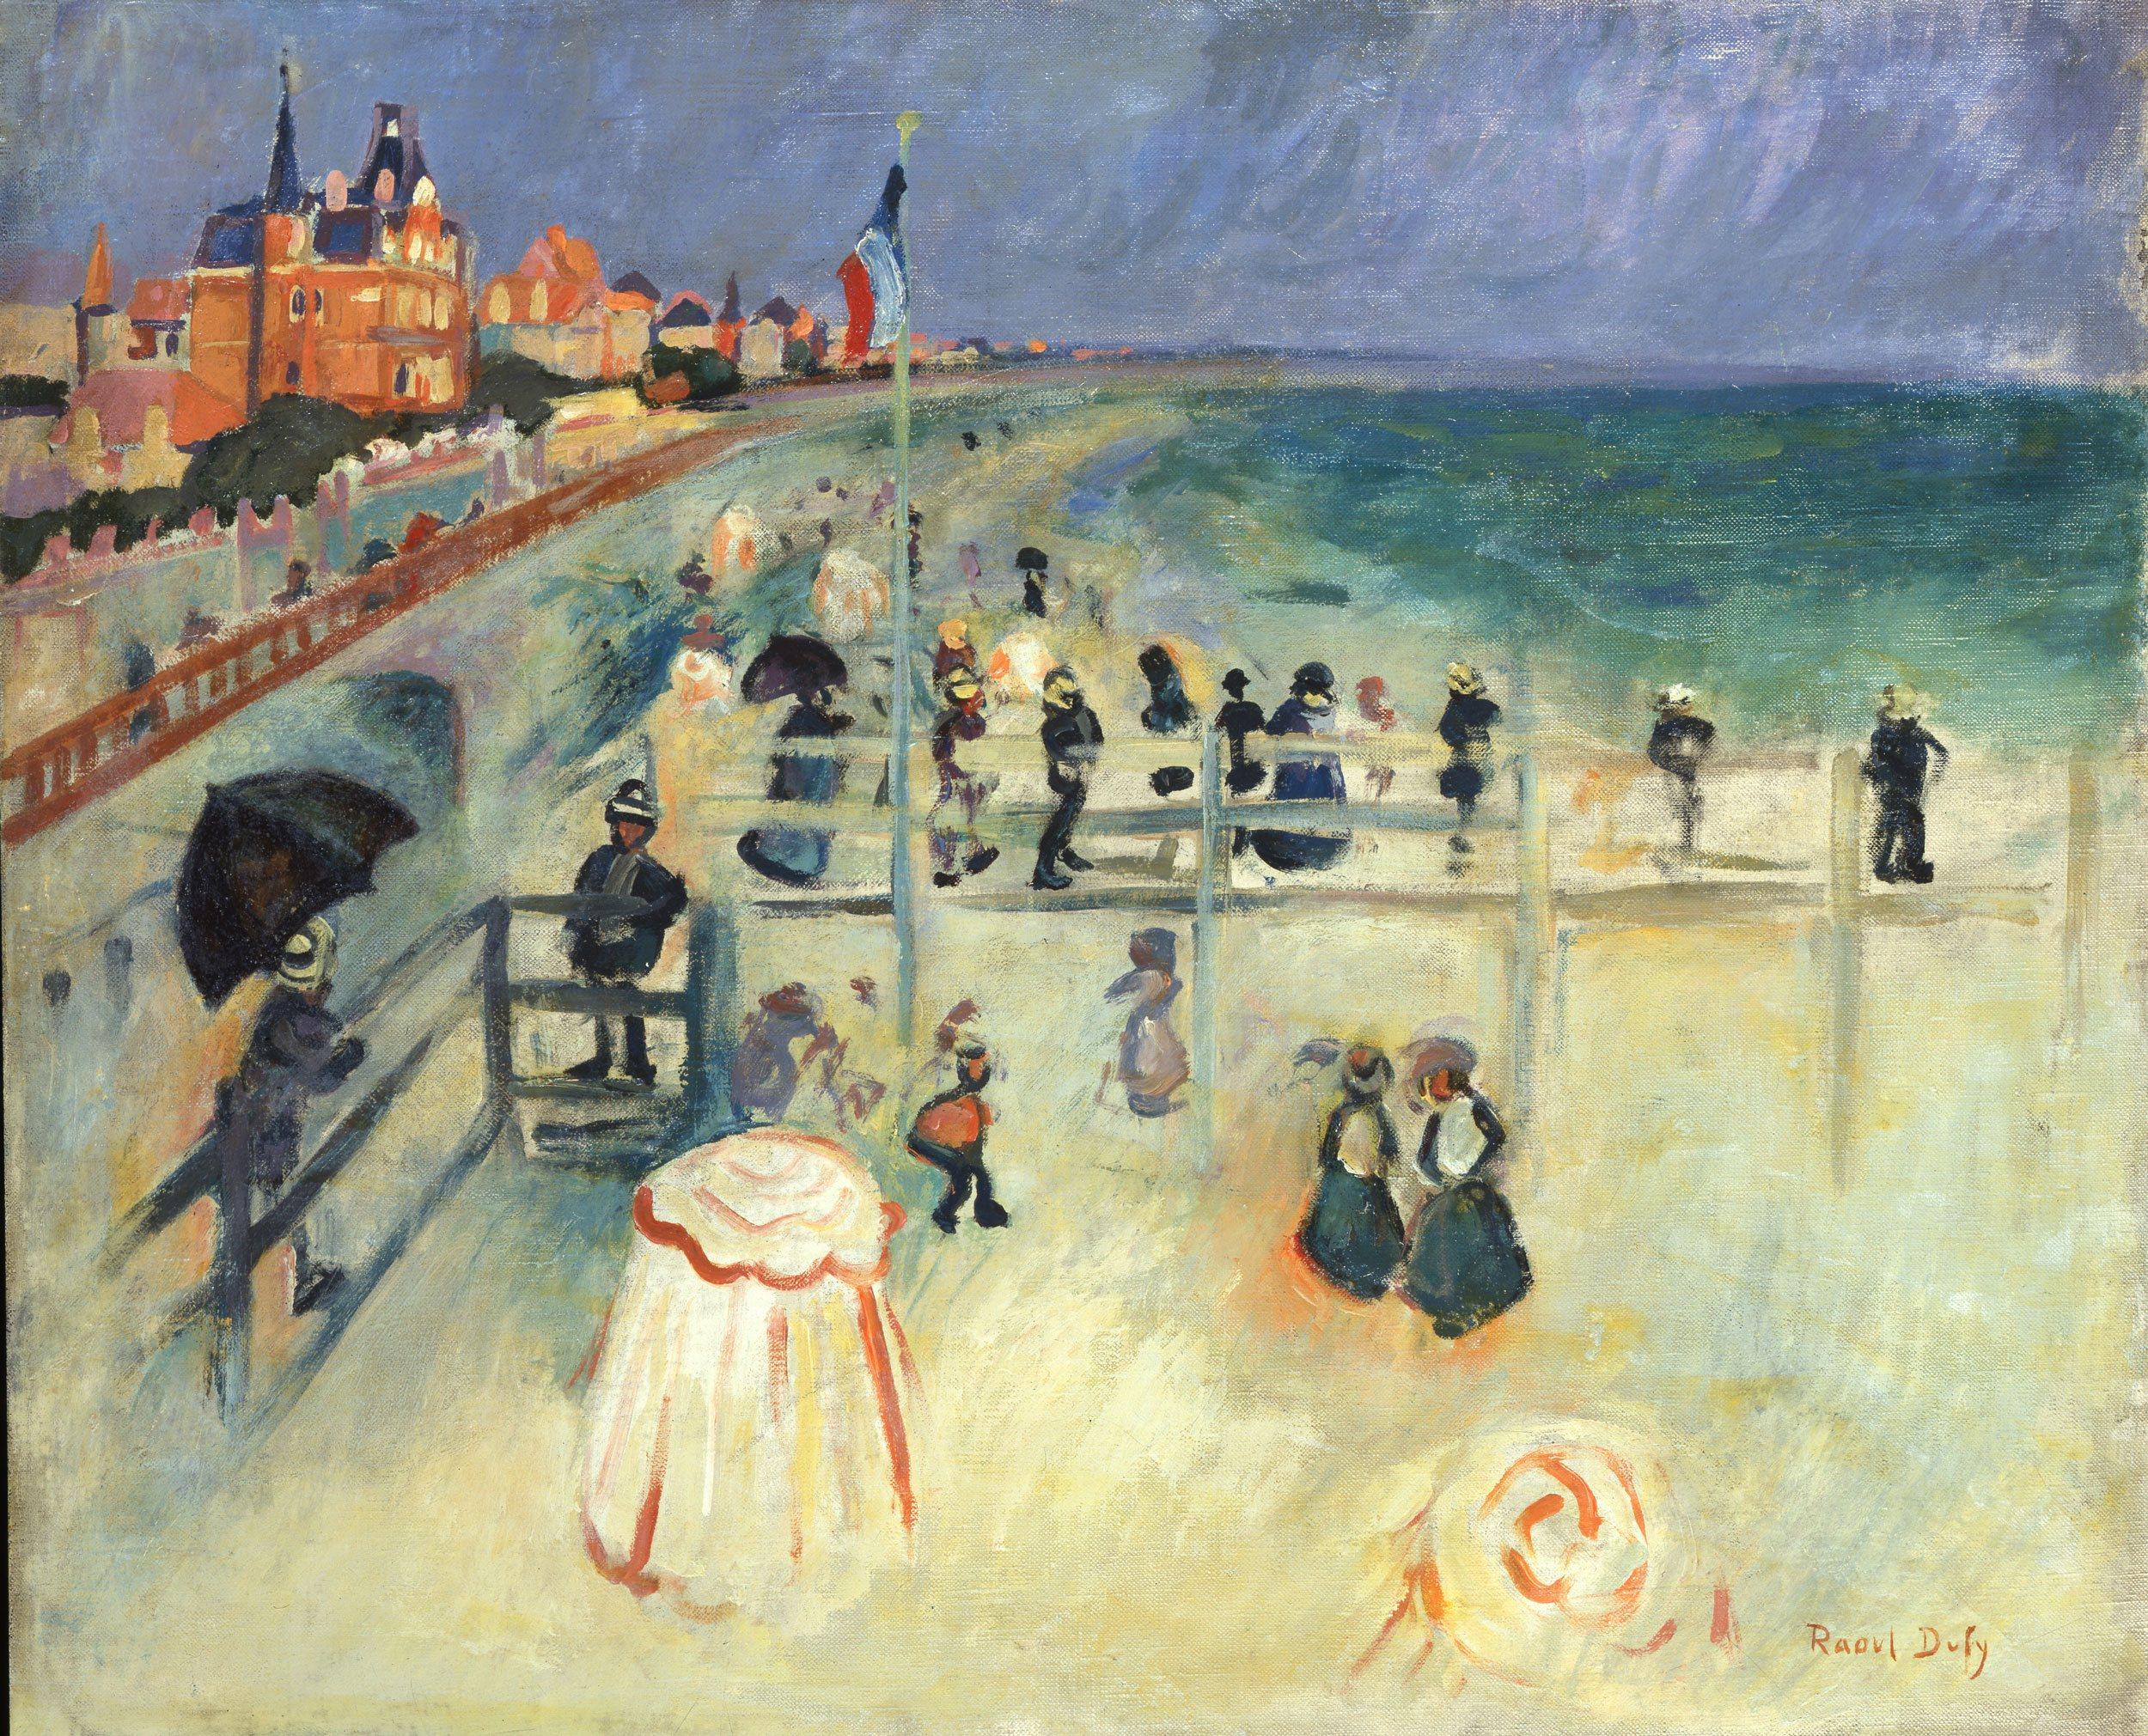 Dufy Raoul,La plage du Havre,1905